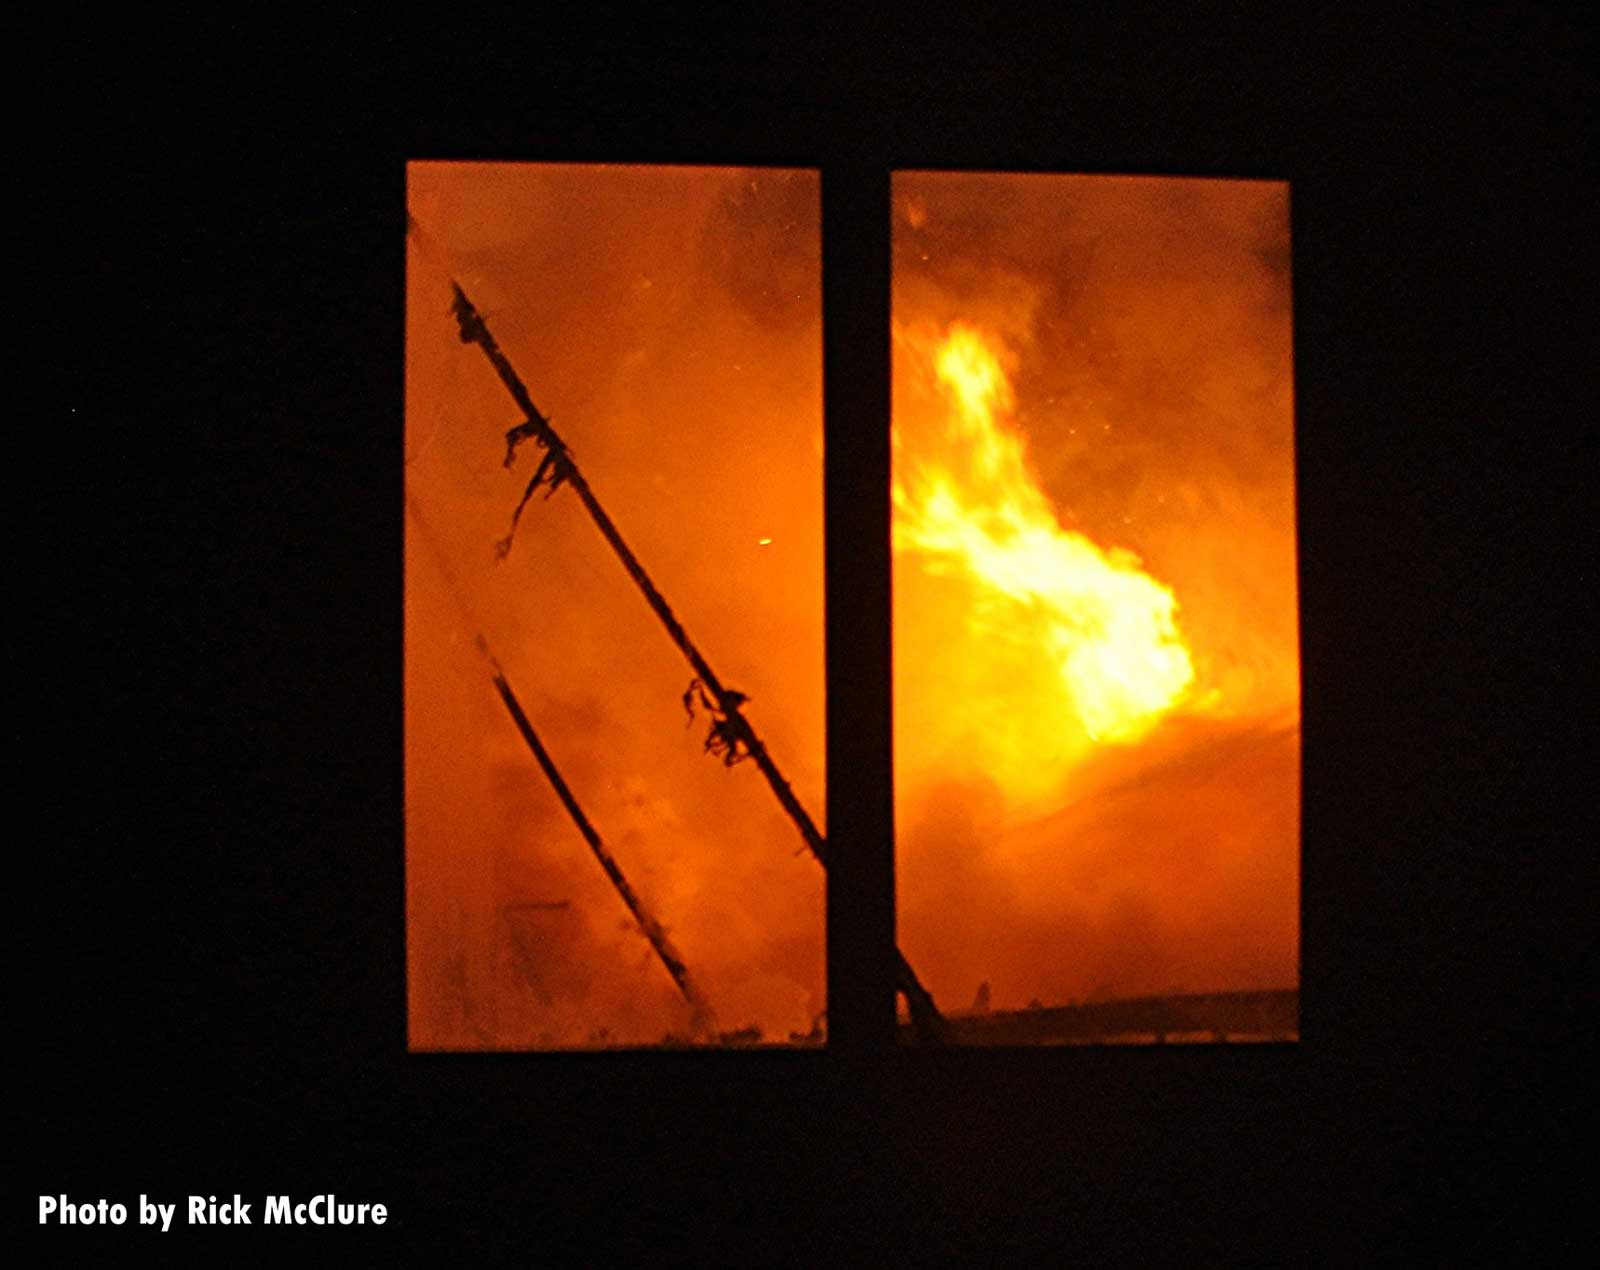 Flames roar at the fire scene